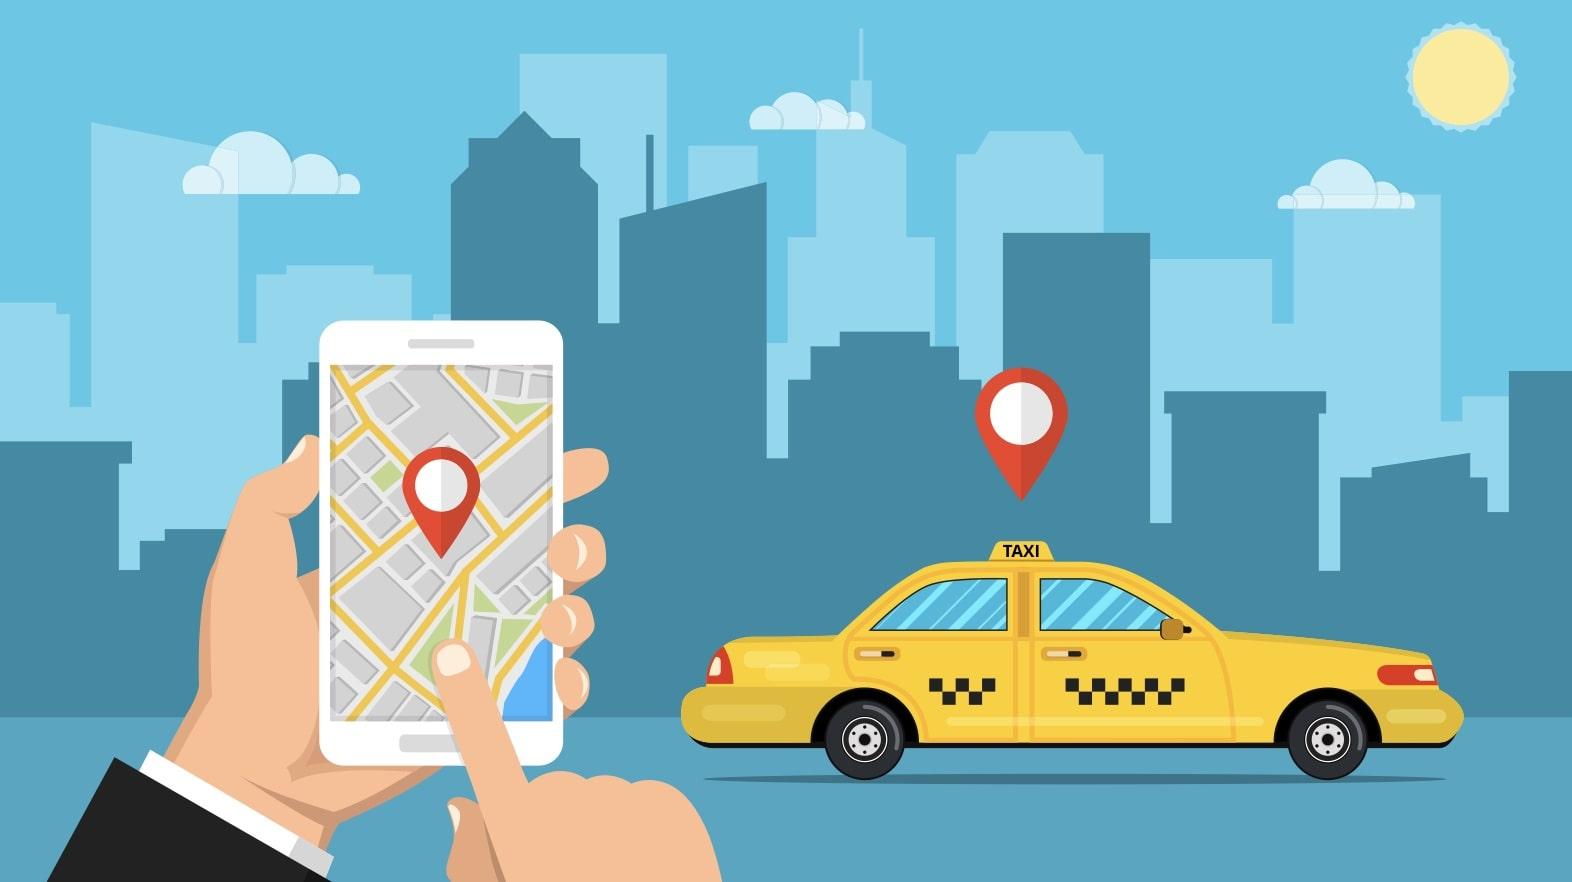 青森で使えるタクシーアプリとクーポン情報